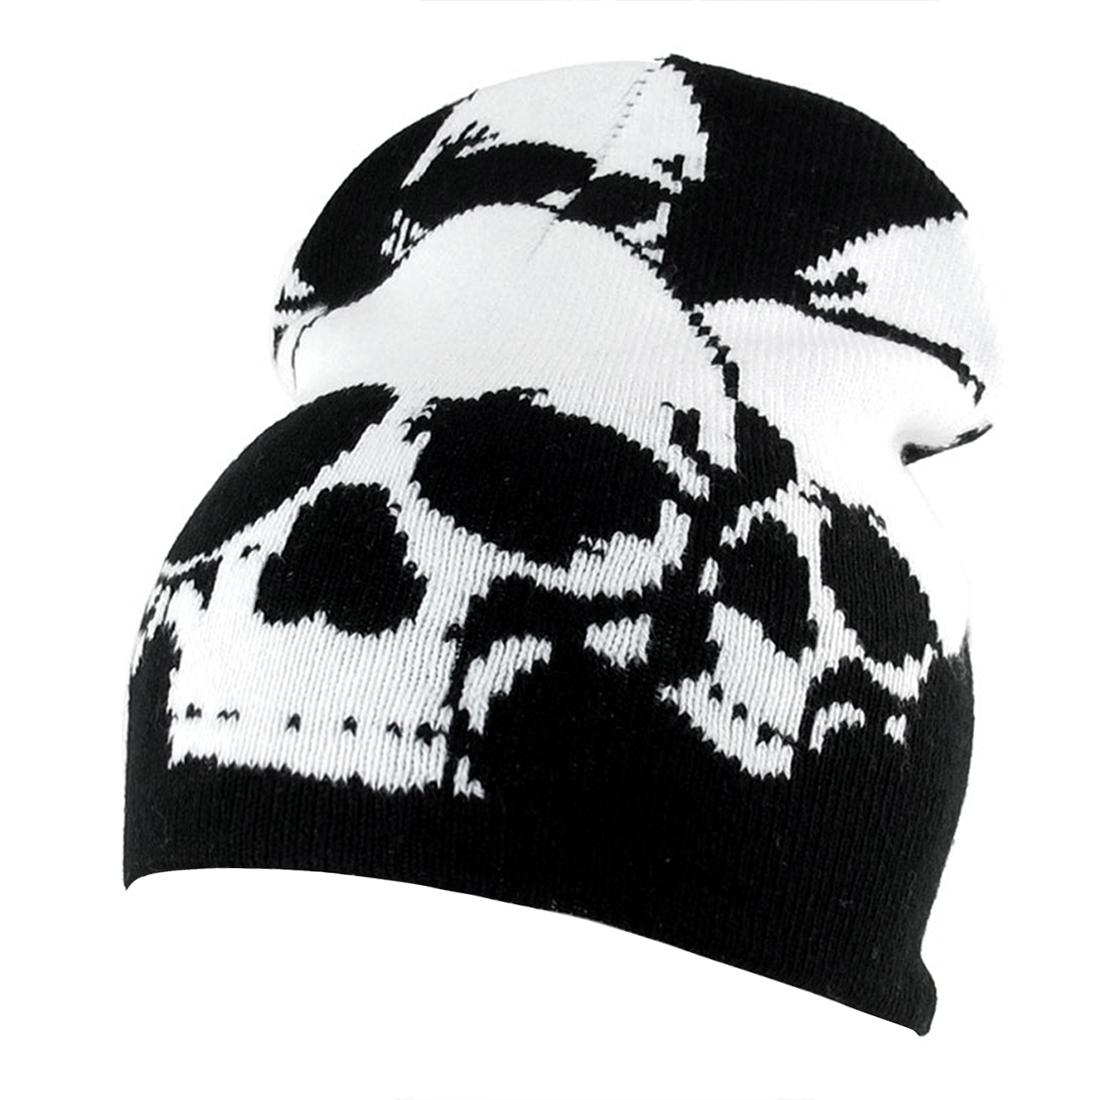 White Skull Head Print Black Knitted Elastic Skull Beanie Hat for Ladies